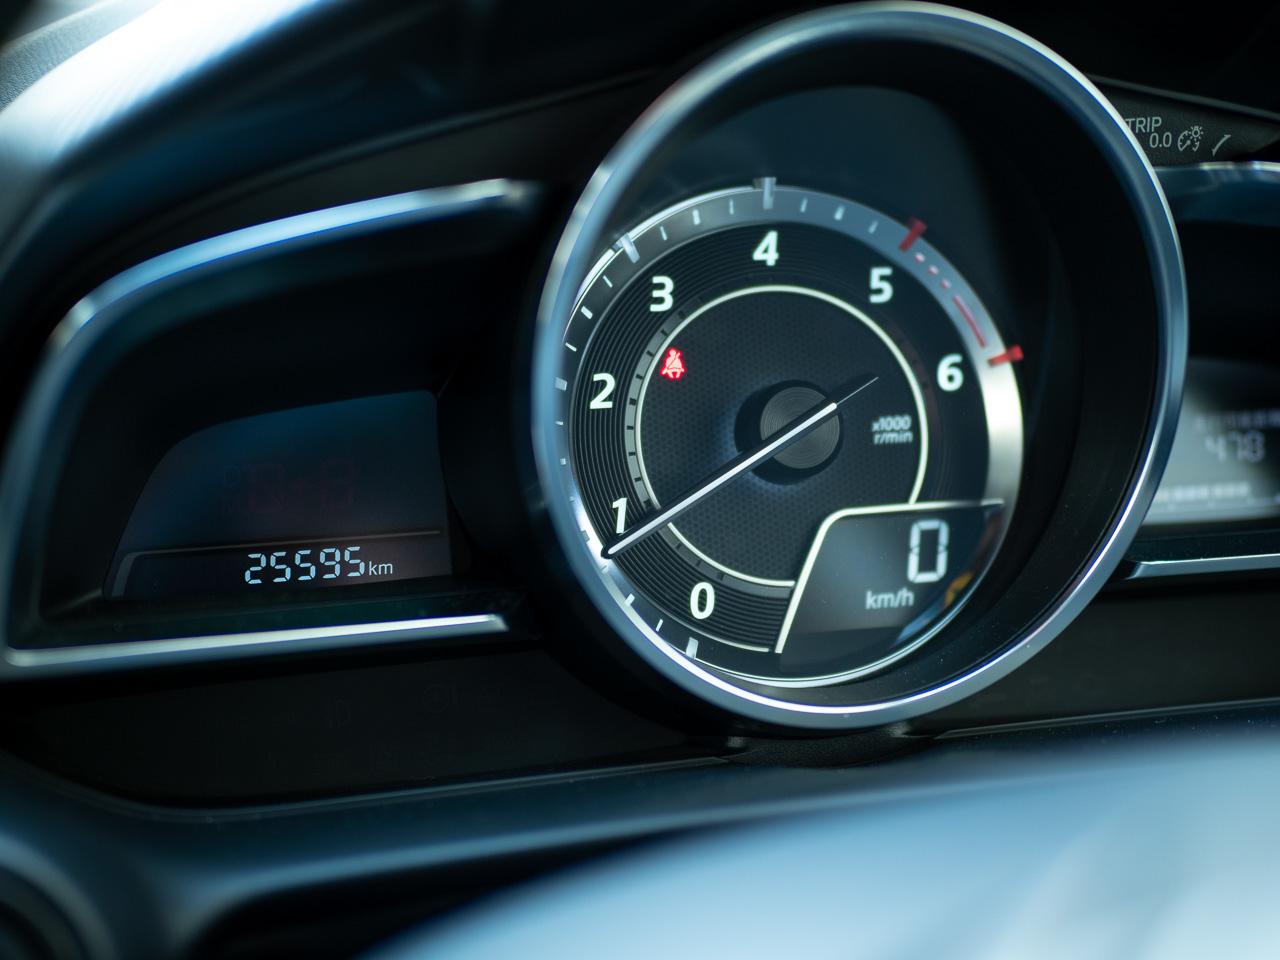 燃費は21km/リットルくらい